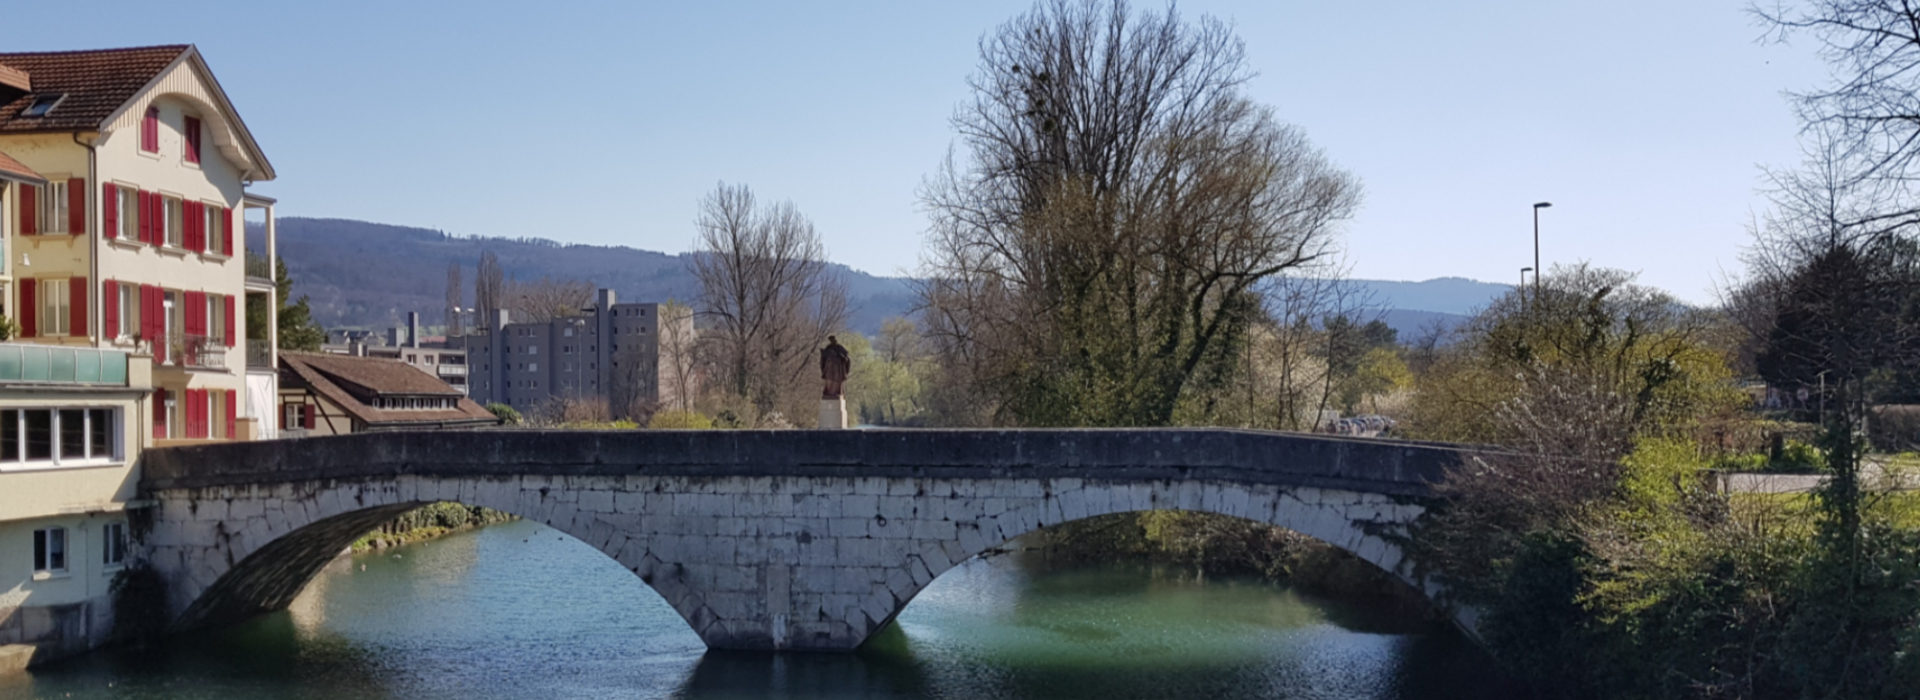 Auf dem Bild sieht man die Nepomukbrücke in Dornach